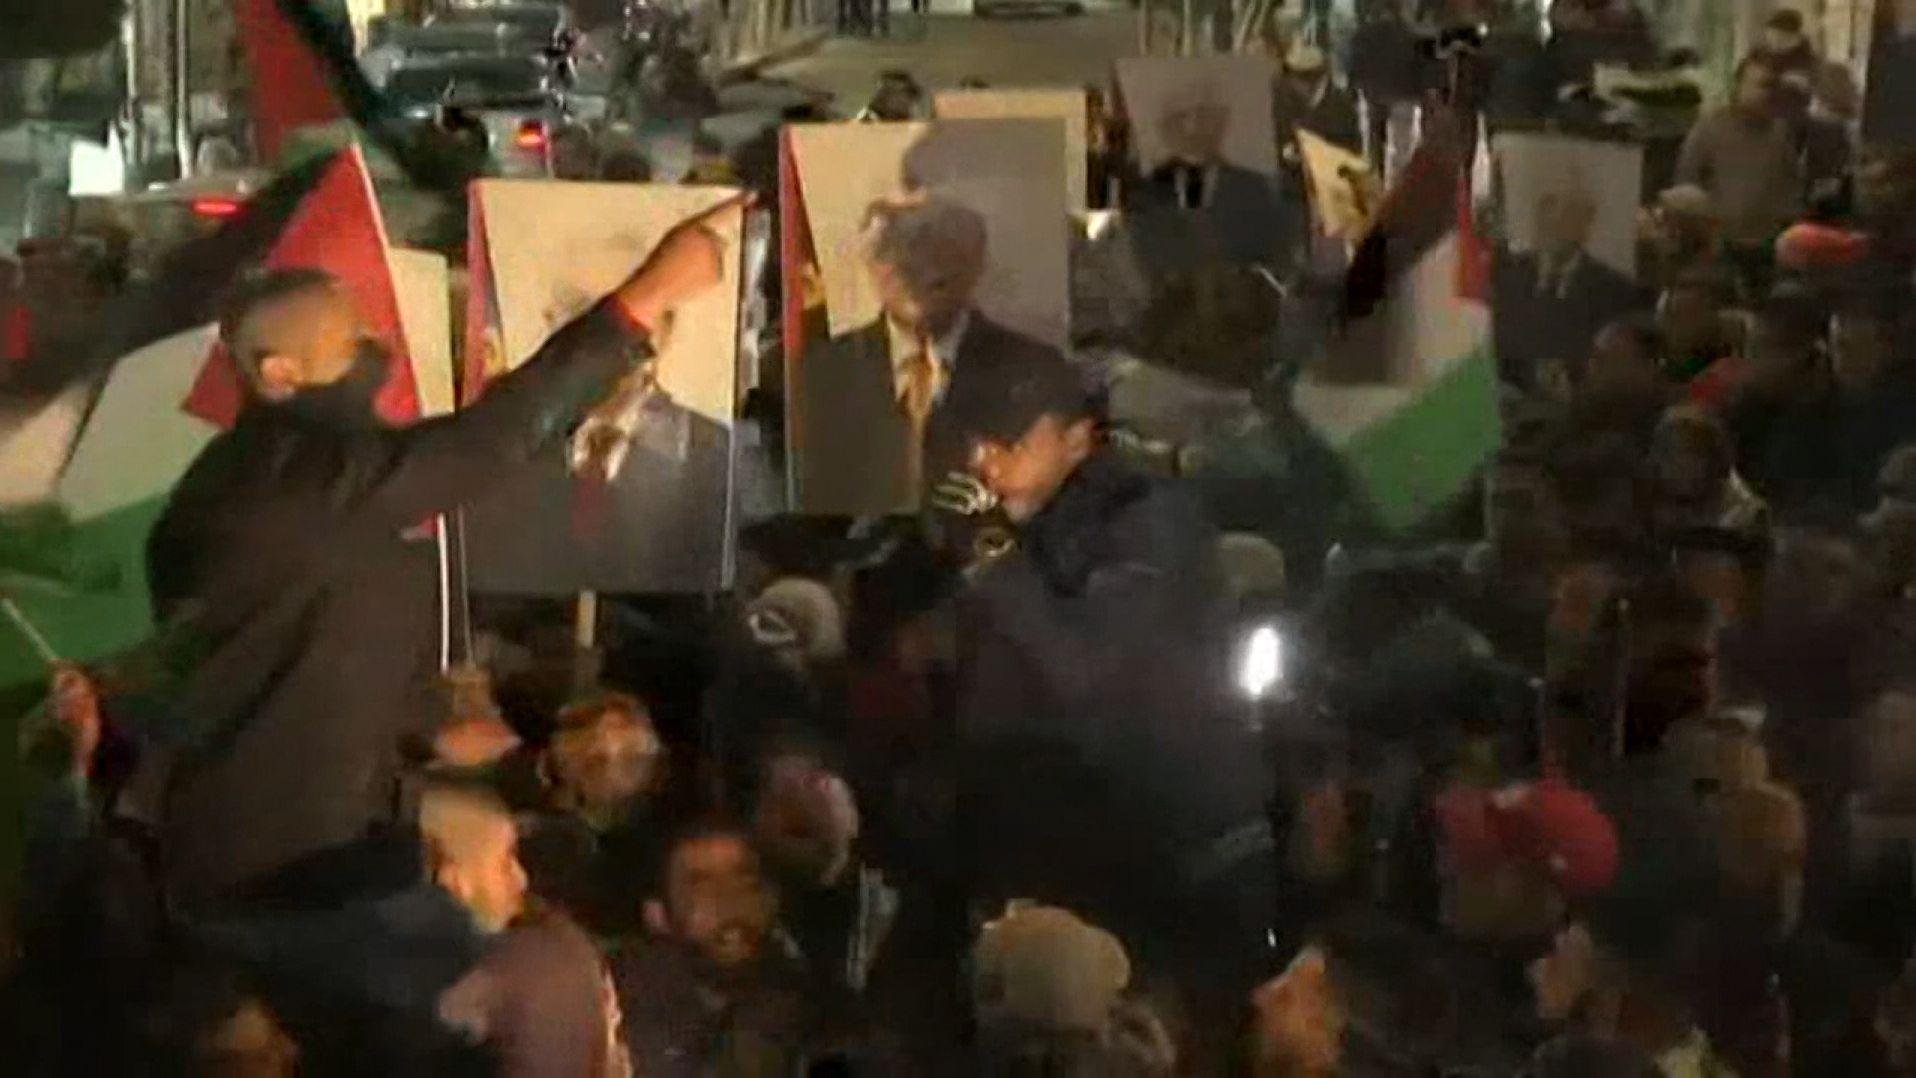 Prtestierende Palästinenser